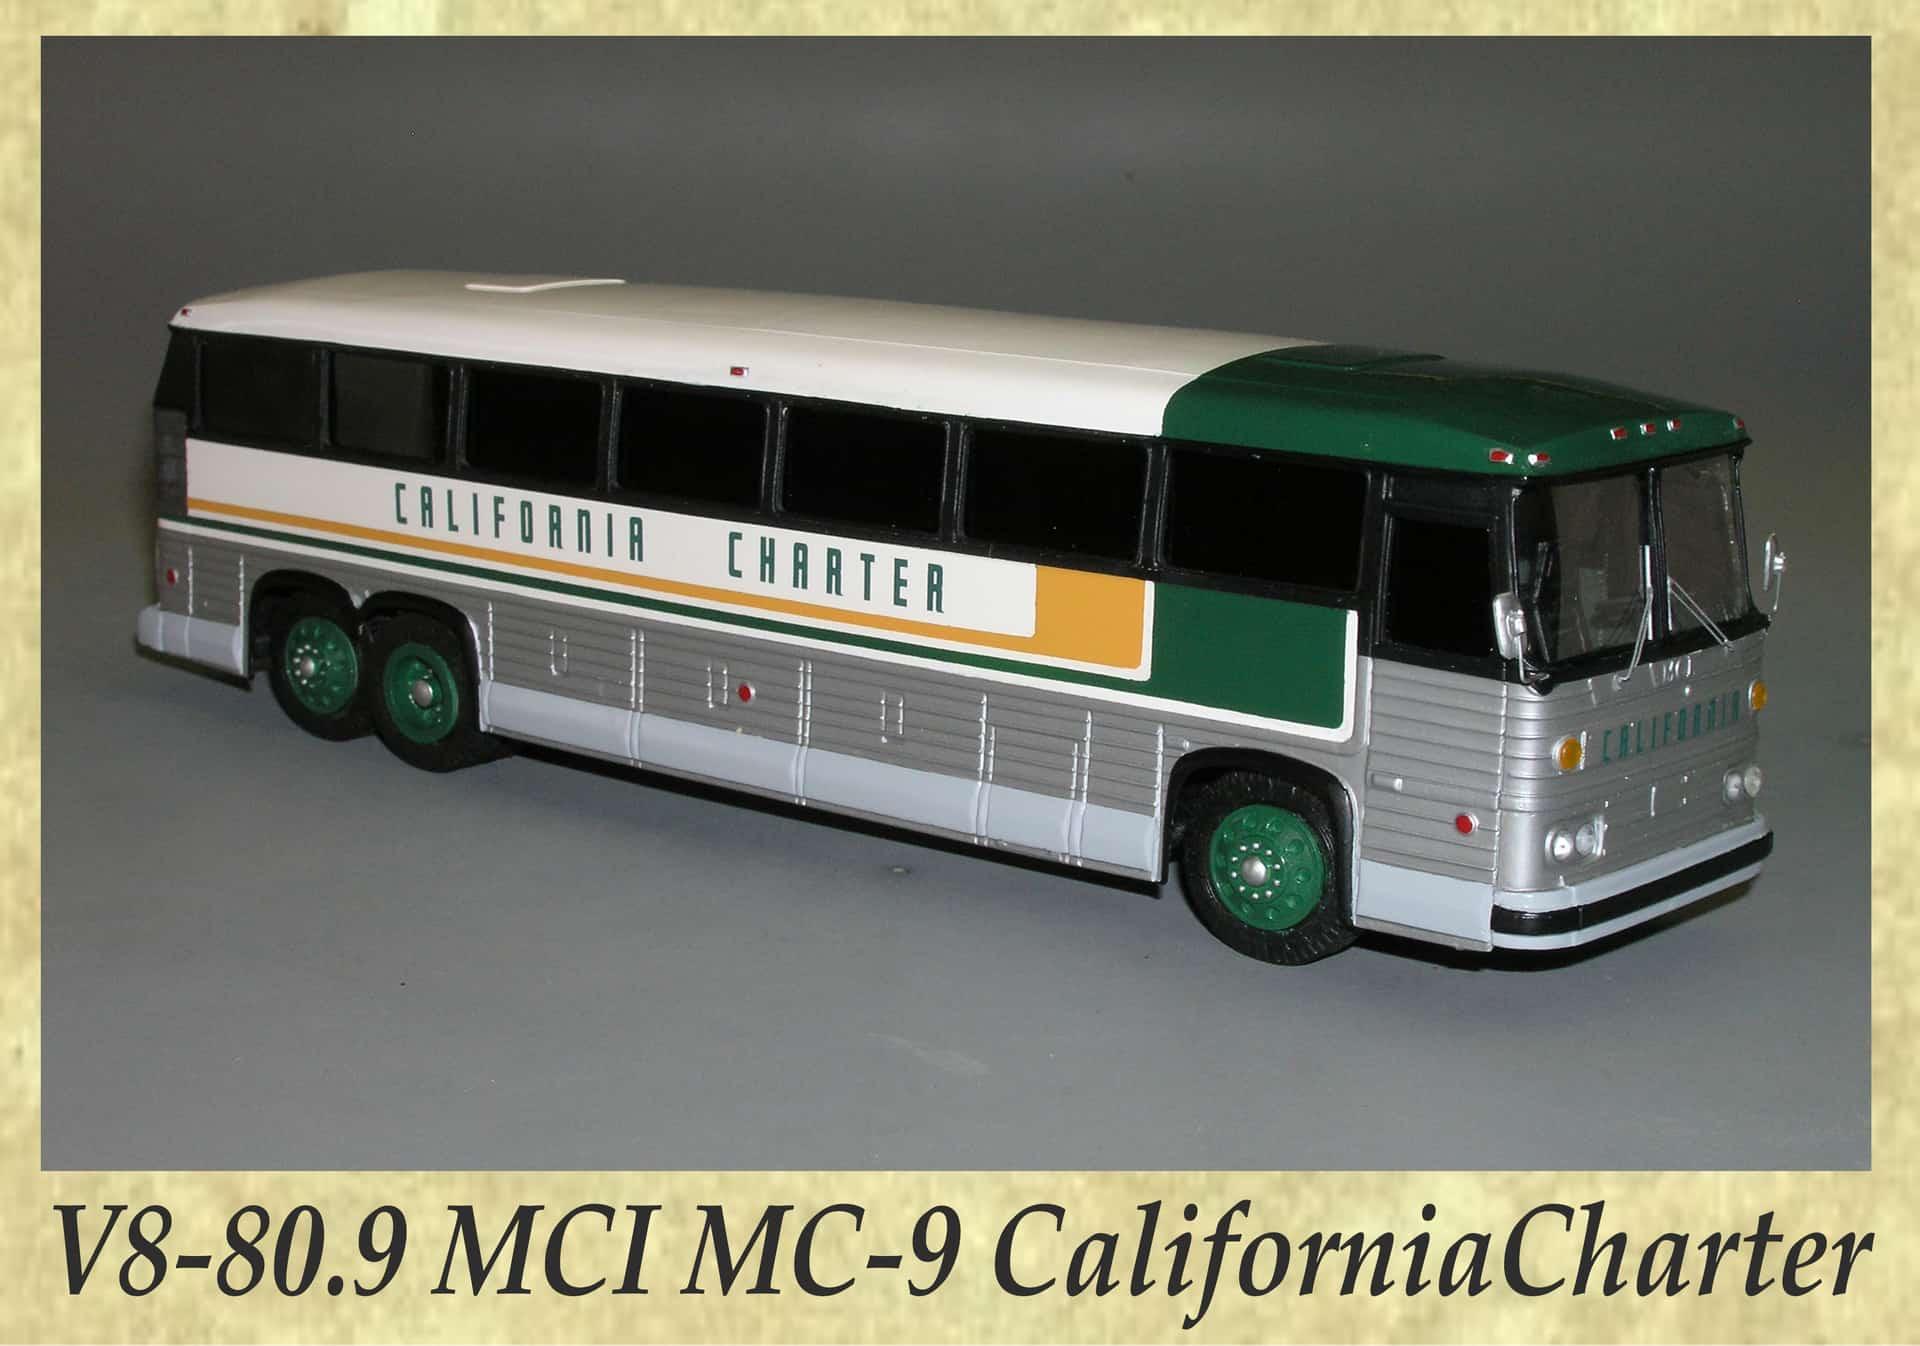 V8-80.9 MCI MC-9 CaliforniaCharter